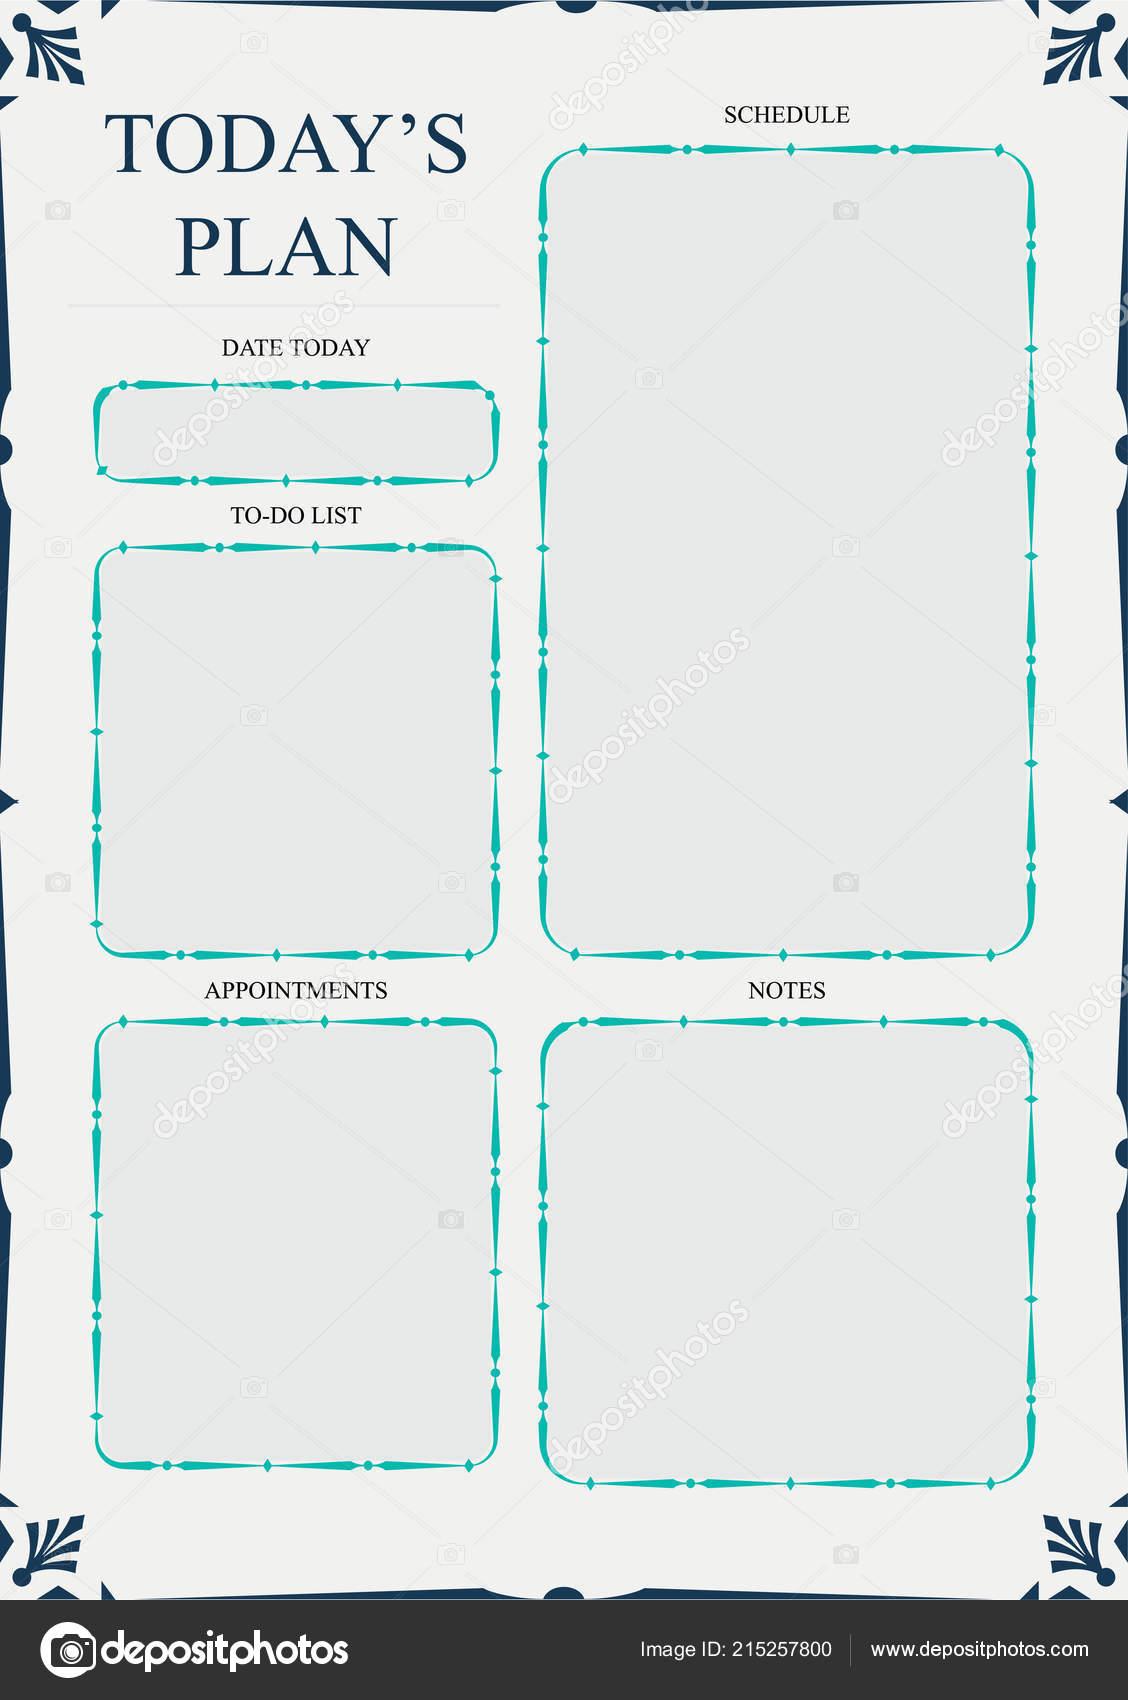 schedule of activities template